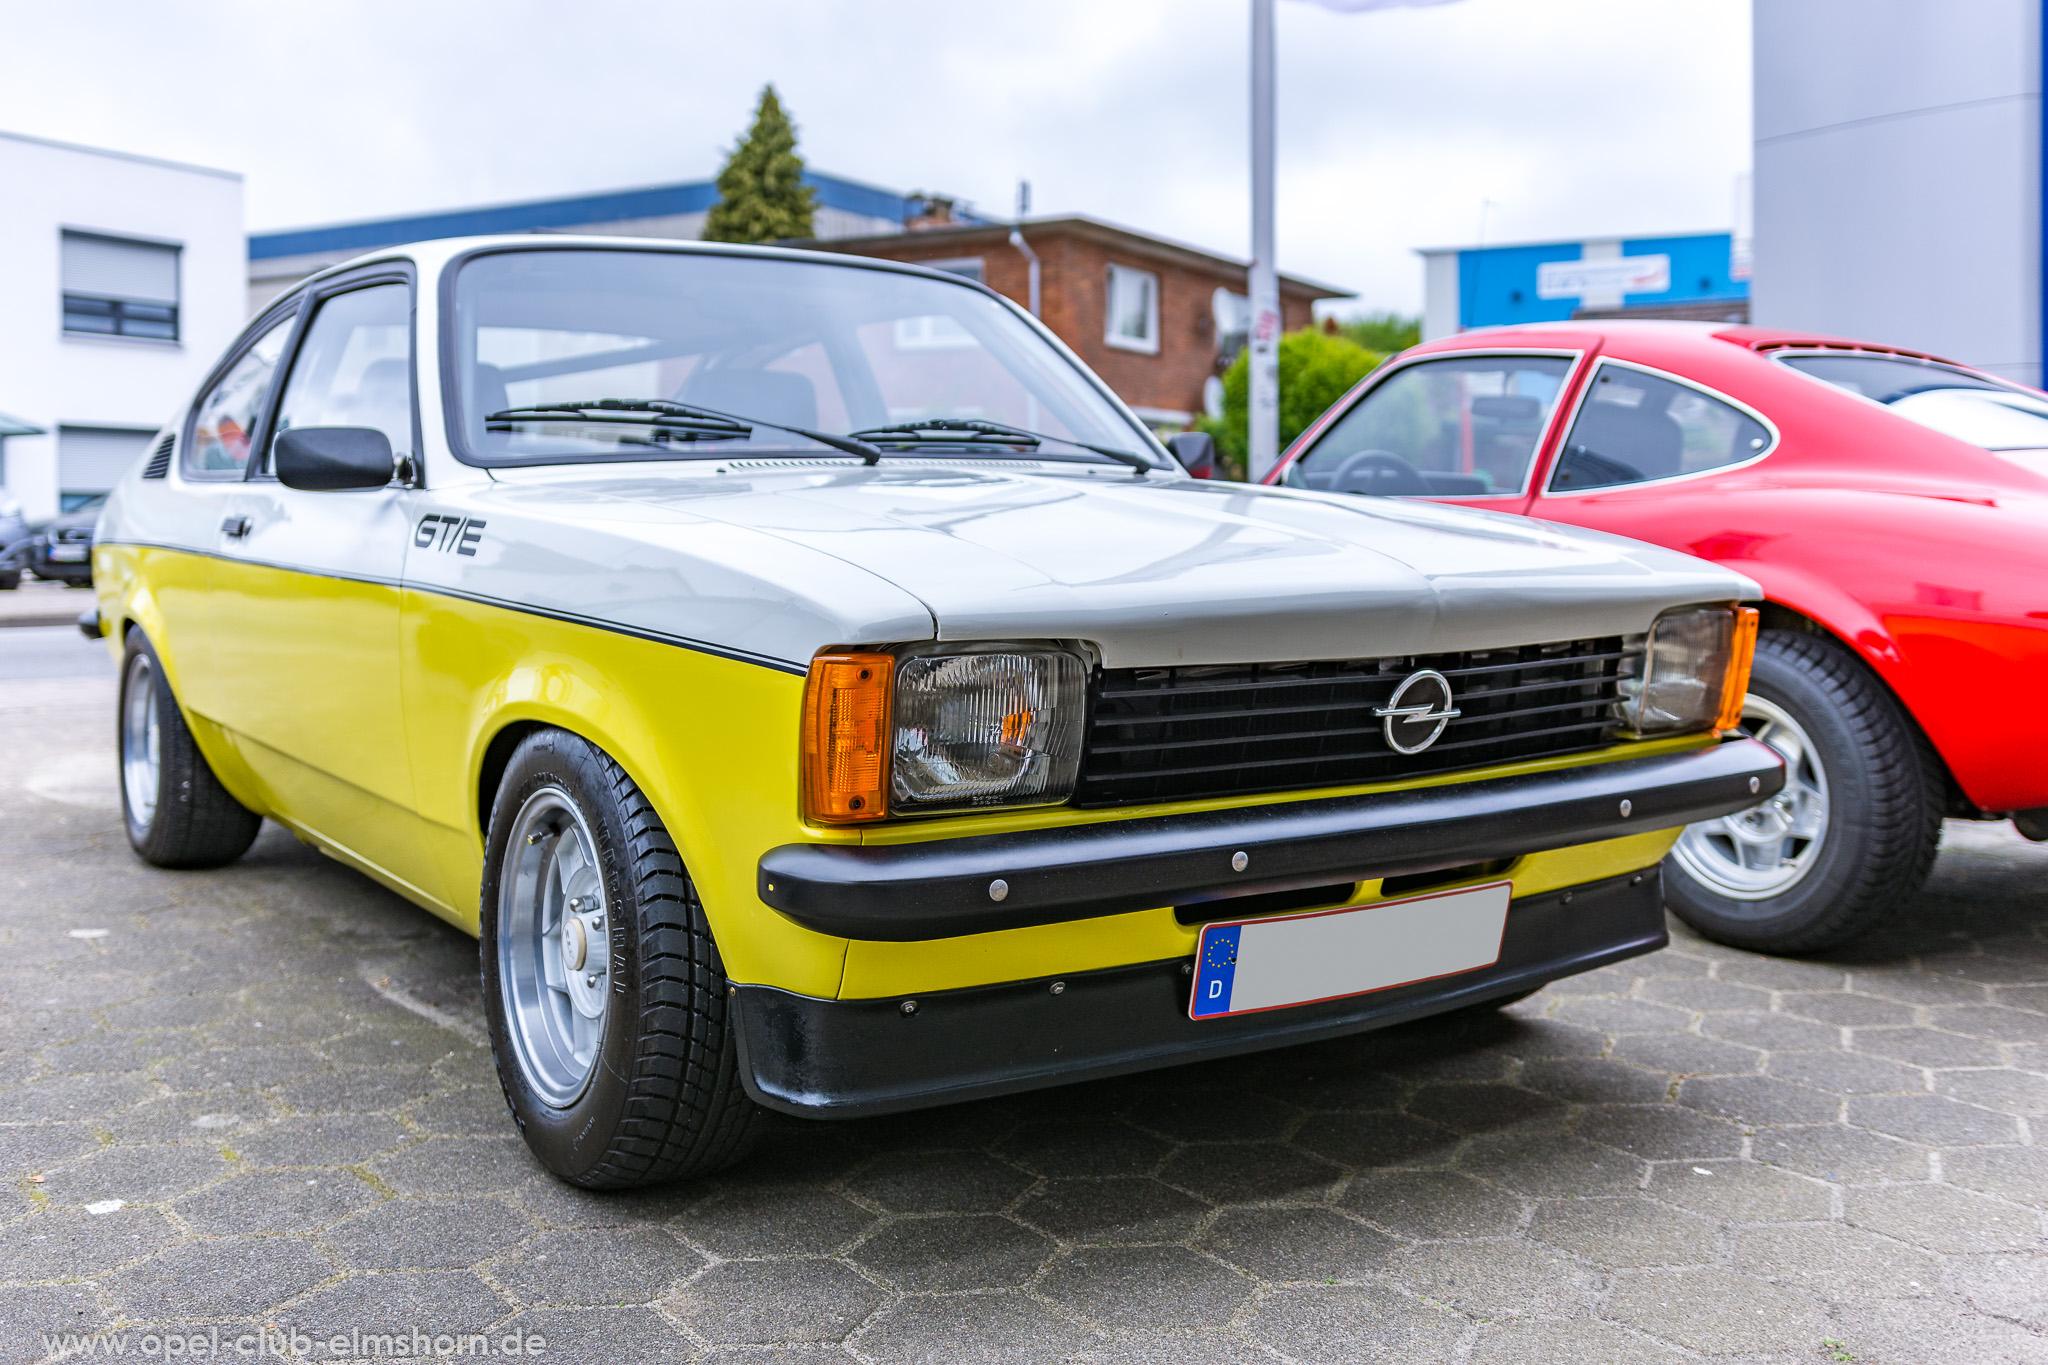 Altopeltreffen Wedel 2019 - 20190501_130903 - Opel Kadett C